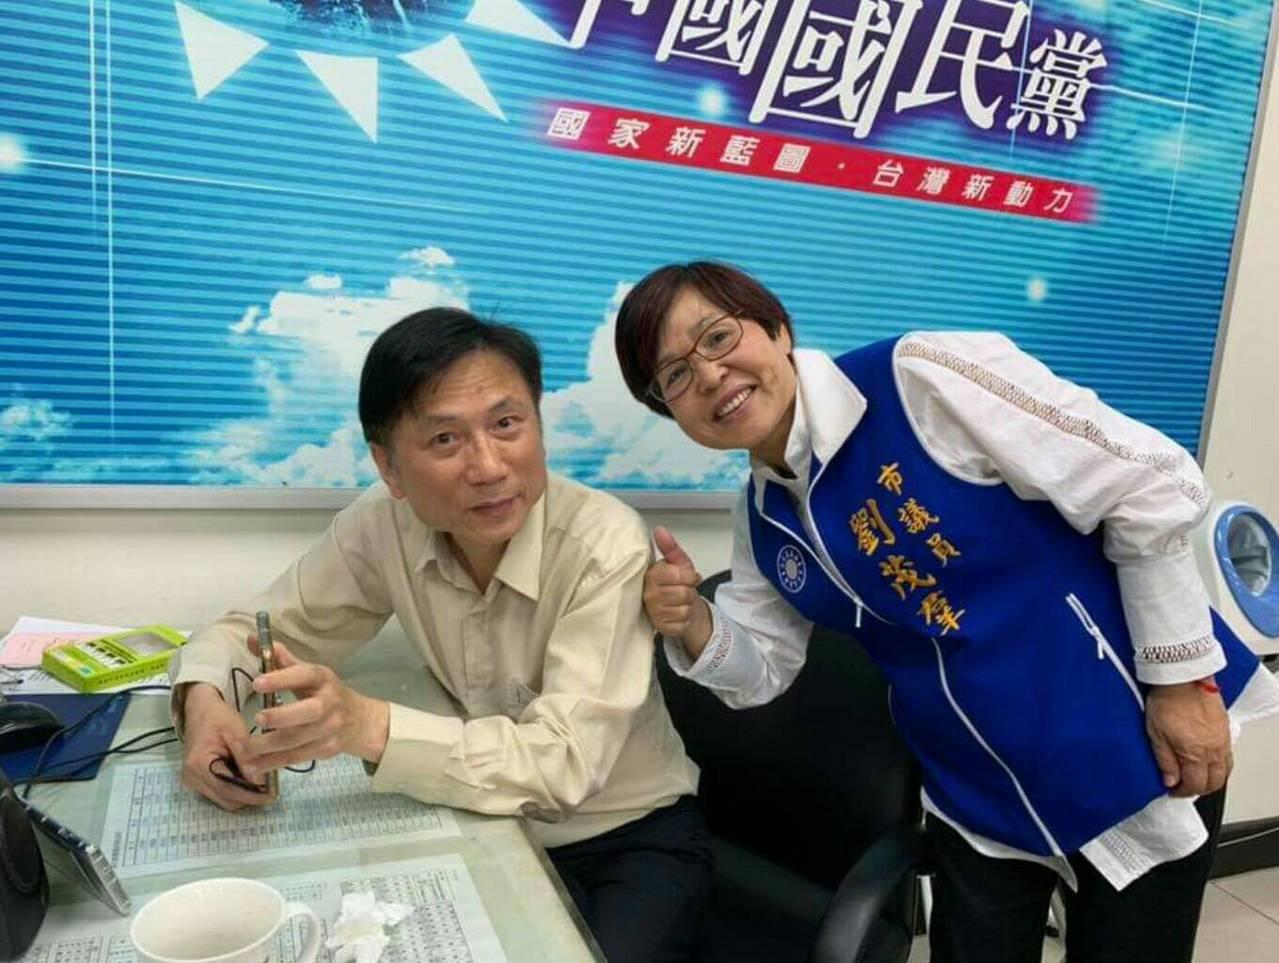 桃園市議員劉茂群(右)服務處驚傳槍擊,她求助市議員詹江村(左),不滿警方對槍擊案...